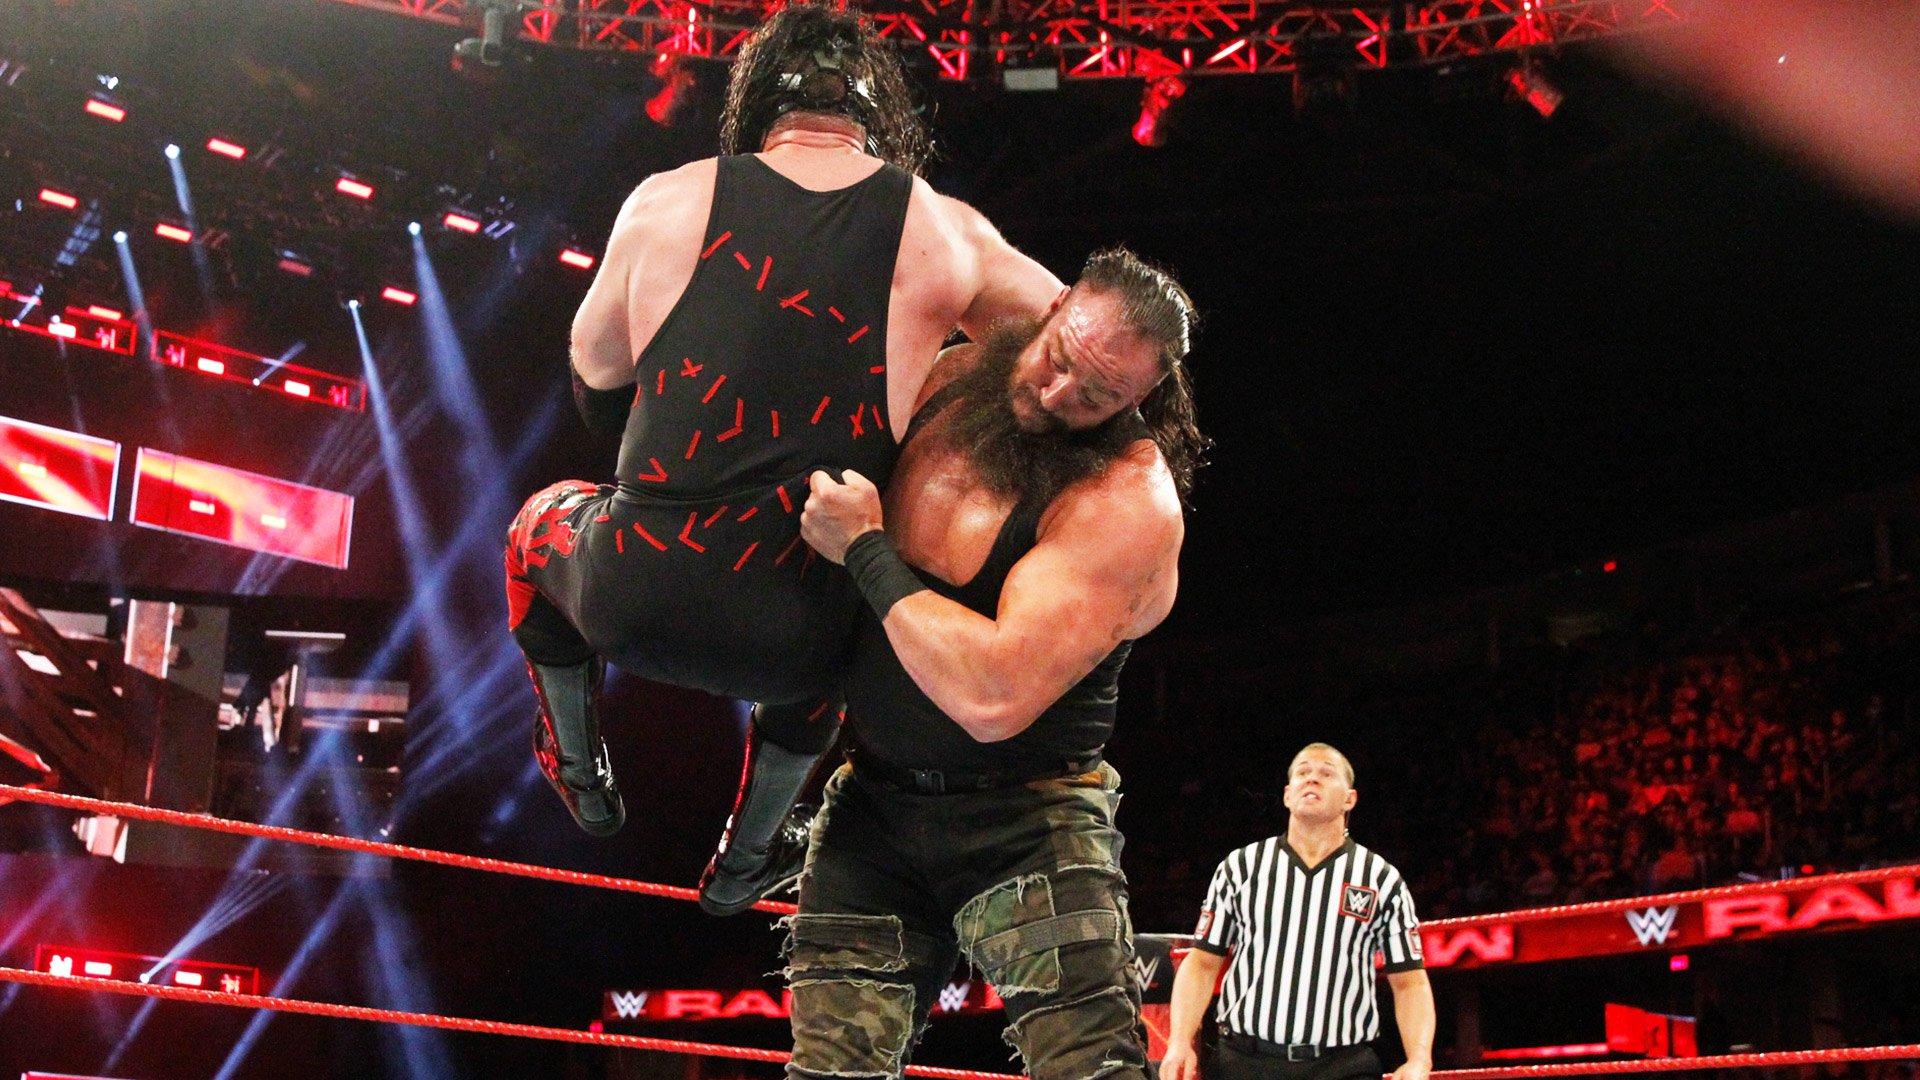 Braun Strowman vs. Kane - Le Vainqueur Affronte Brock Lesnar pour le Championnat Universel au Royal Rumble: Raw, 11 Décembre 2017.